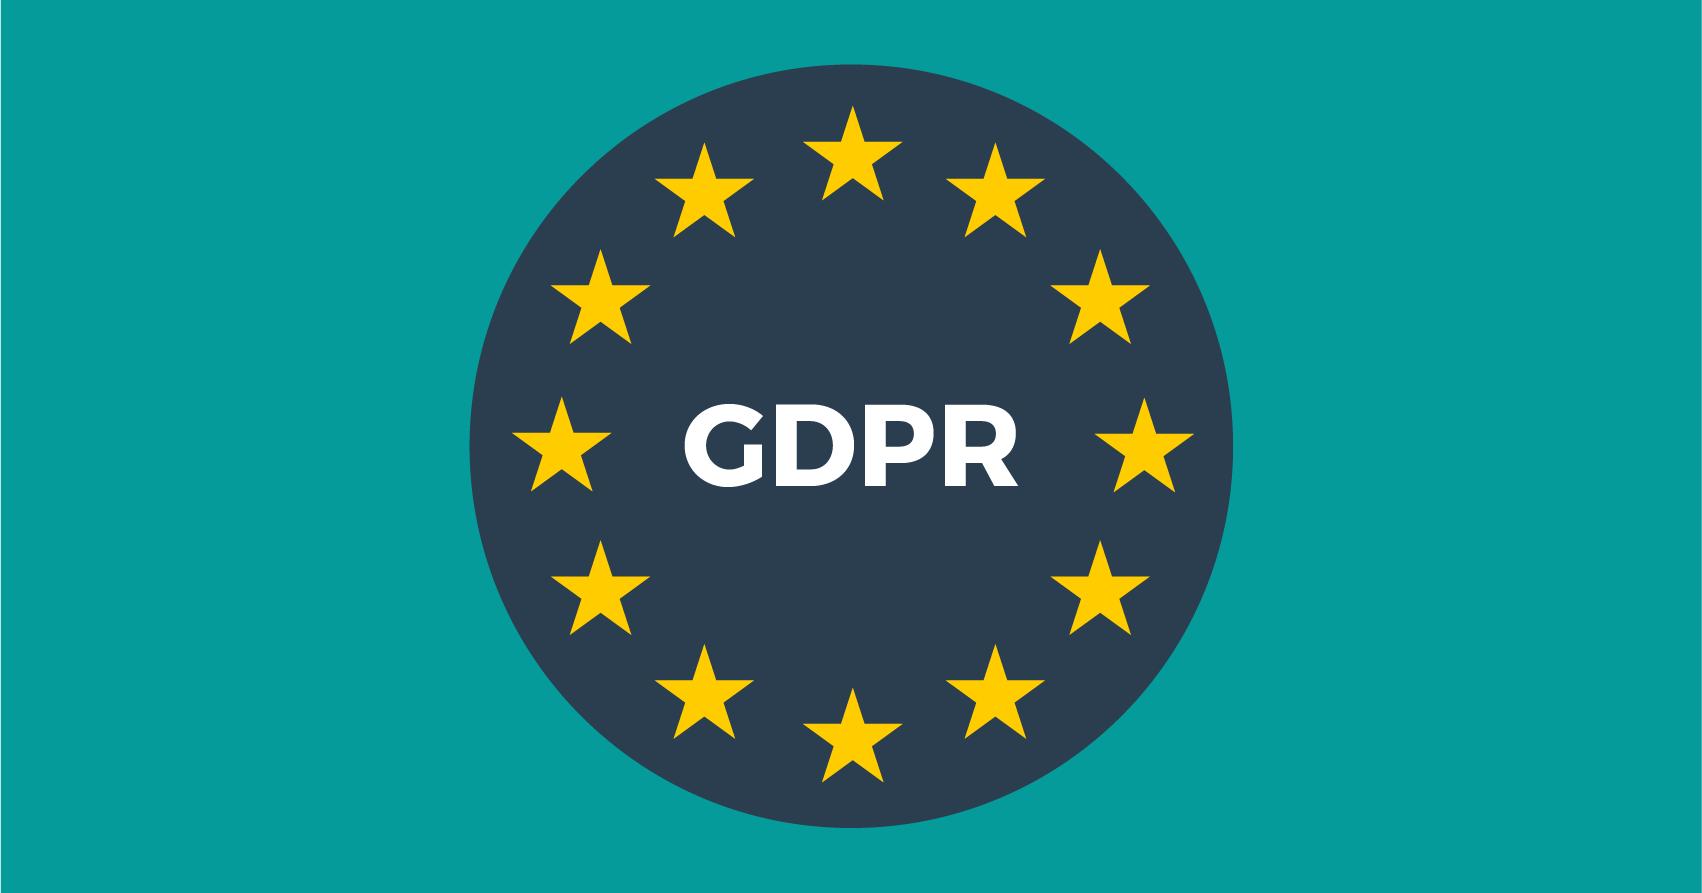 GDPR - Regolamento Europeo Privacy 2018: cosa fare per regolarizzare il tuo sito web. - foto 1